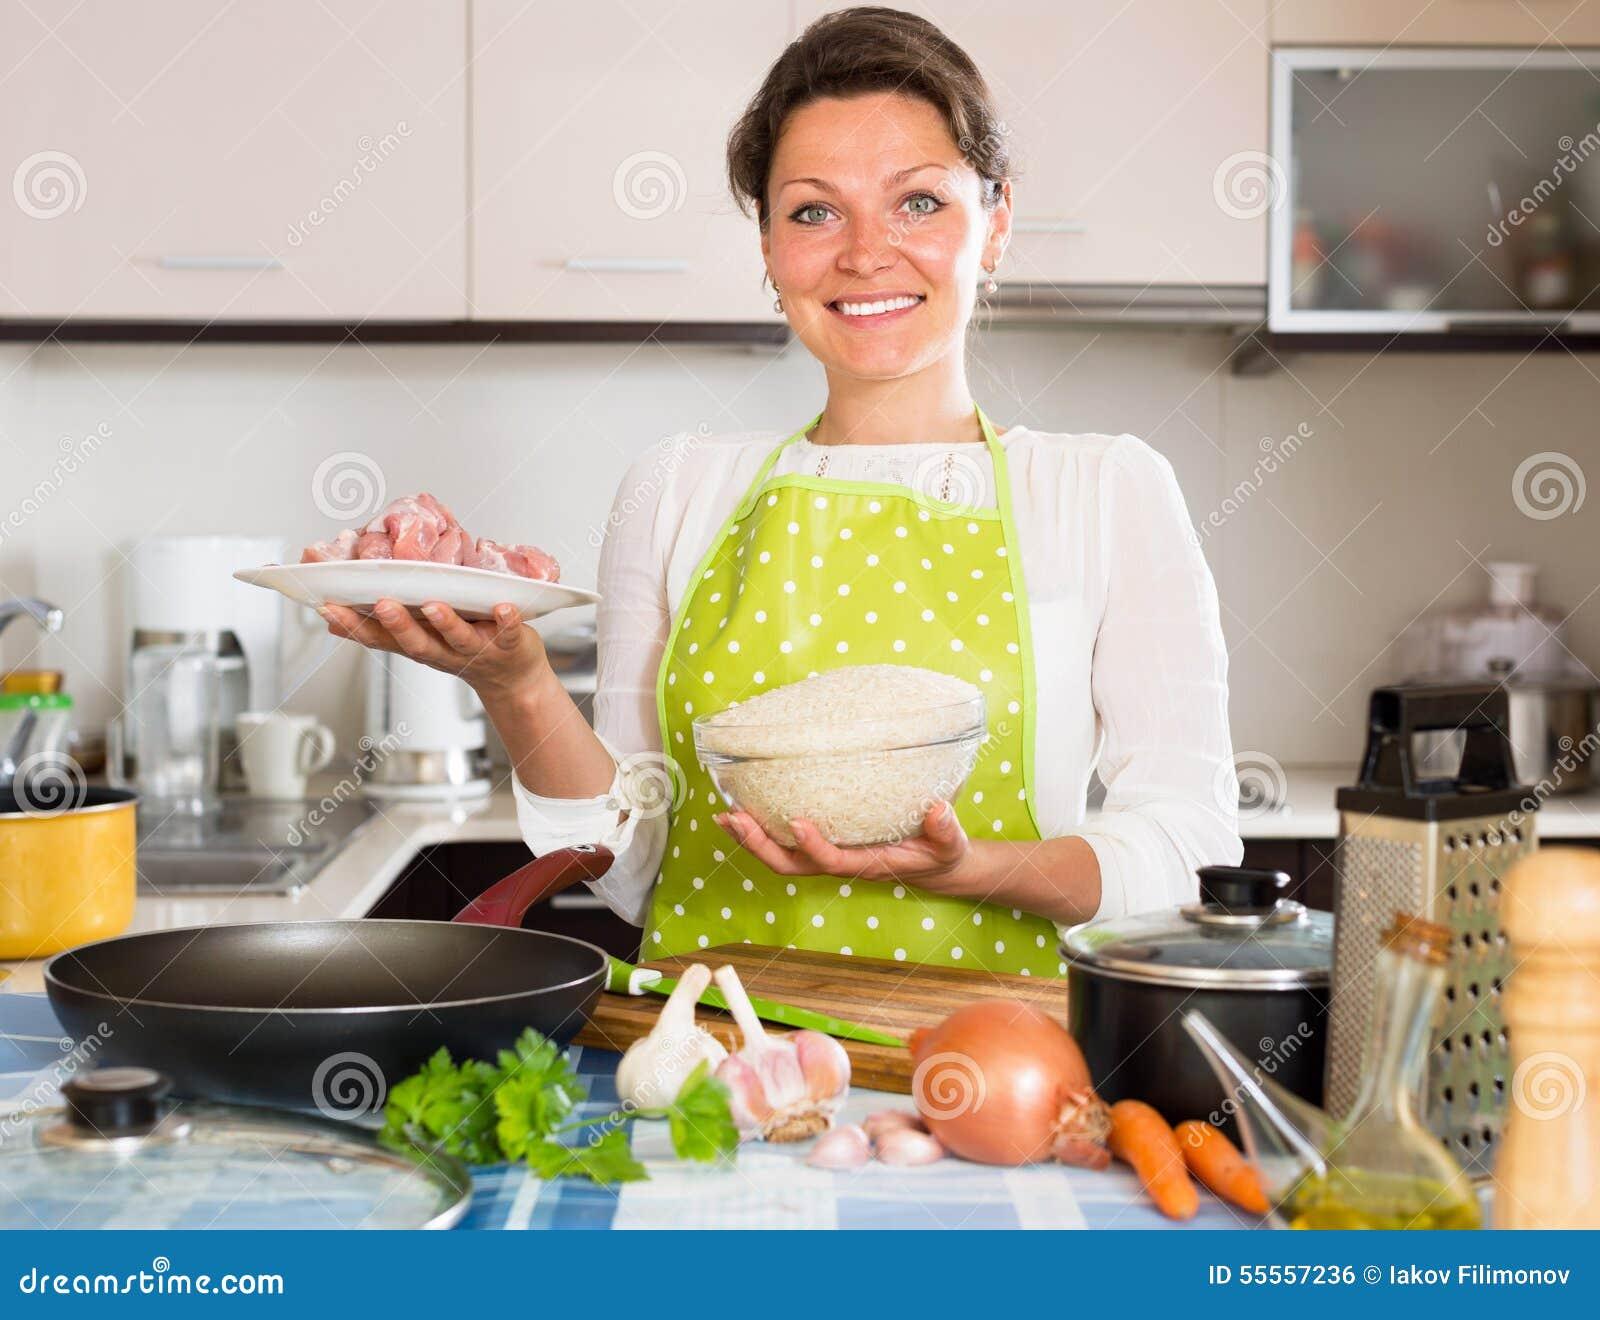 El ama de casa cocina el arroz con la carne foto de for La cocina en casa